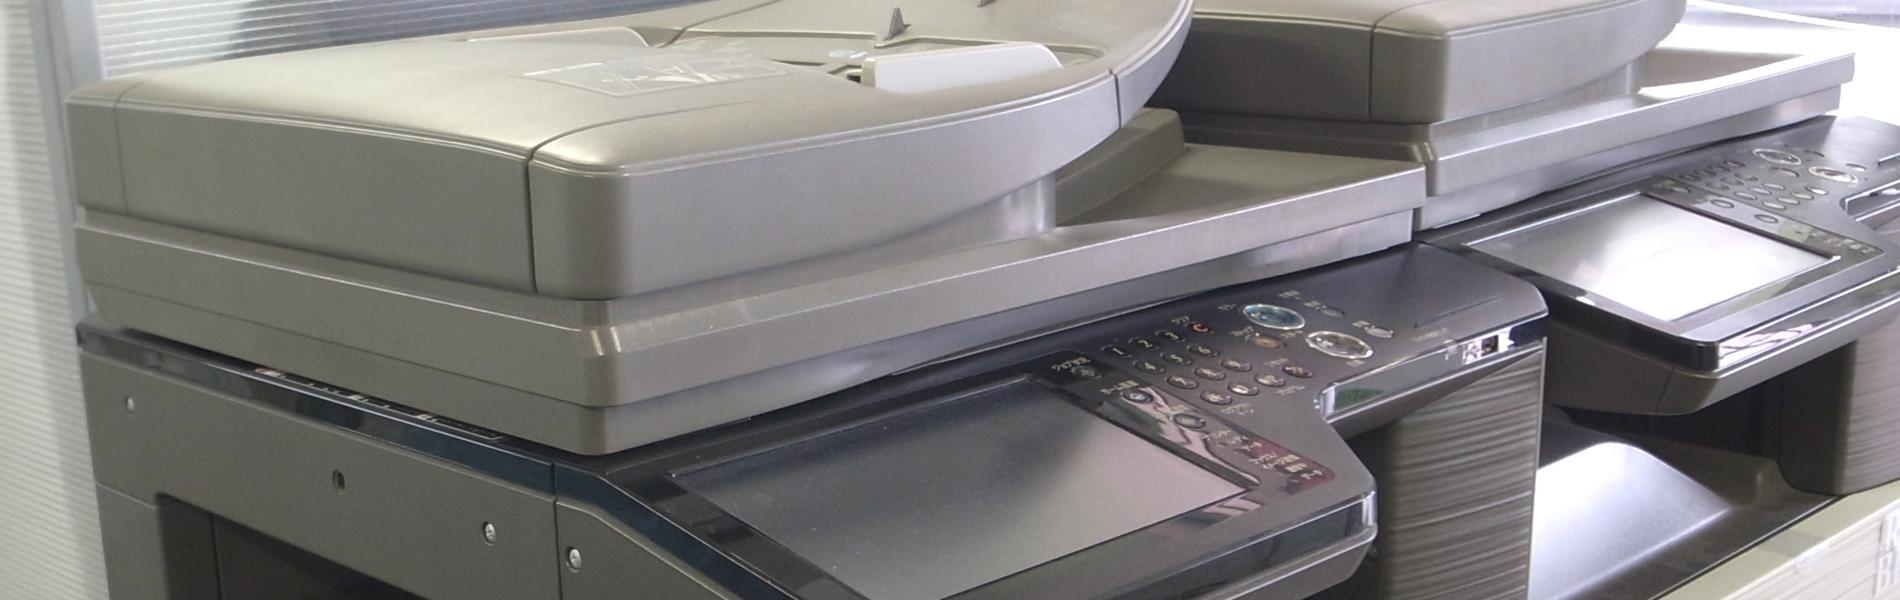 複合機コピー機